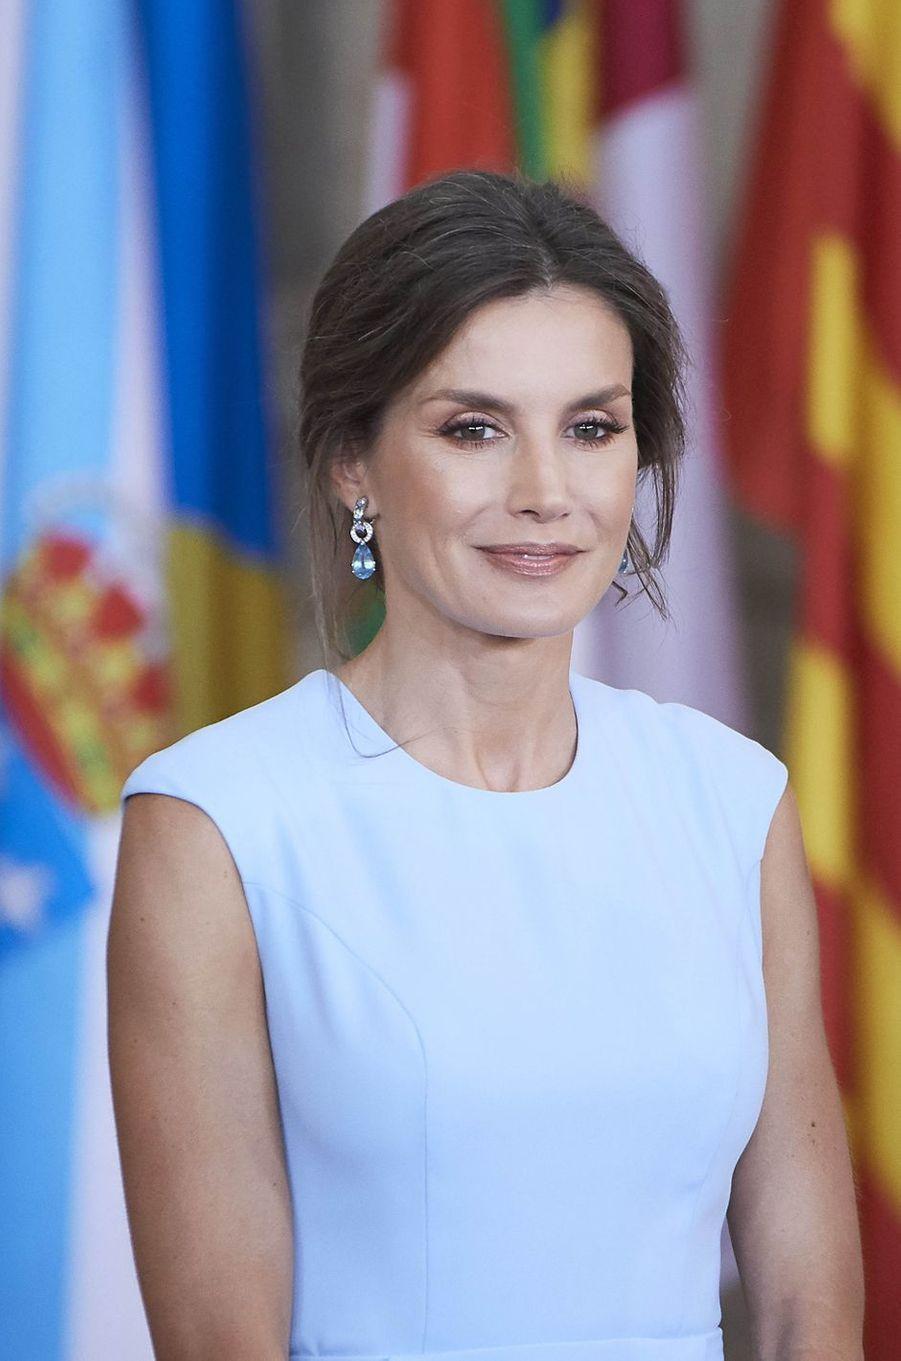 La reine Letizia d'Espagne à Madrid, le 19 juin 2019